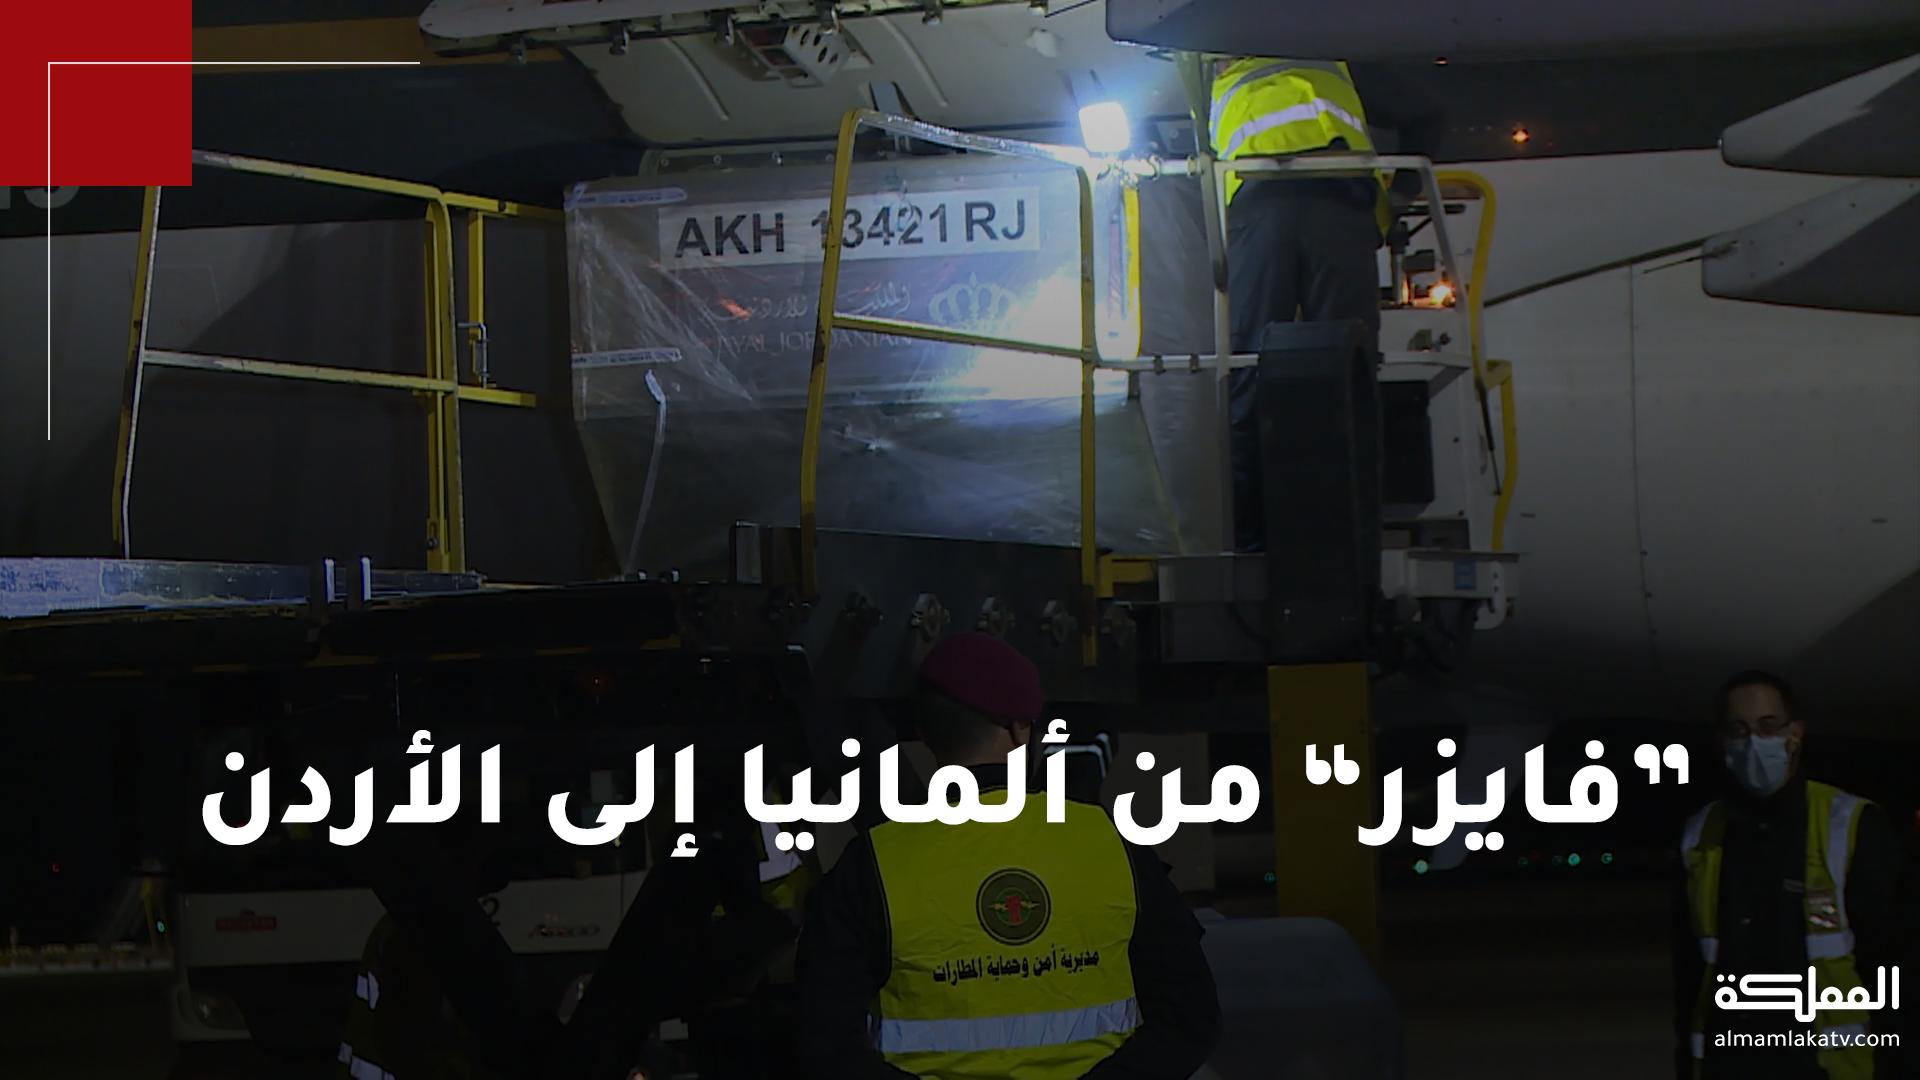 الدفعة الأولى من لقاح فايزر المضاد لفيروس كورونا تصل الأردن من ألمانيا على متن طائرة الملكيةالأردنية